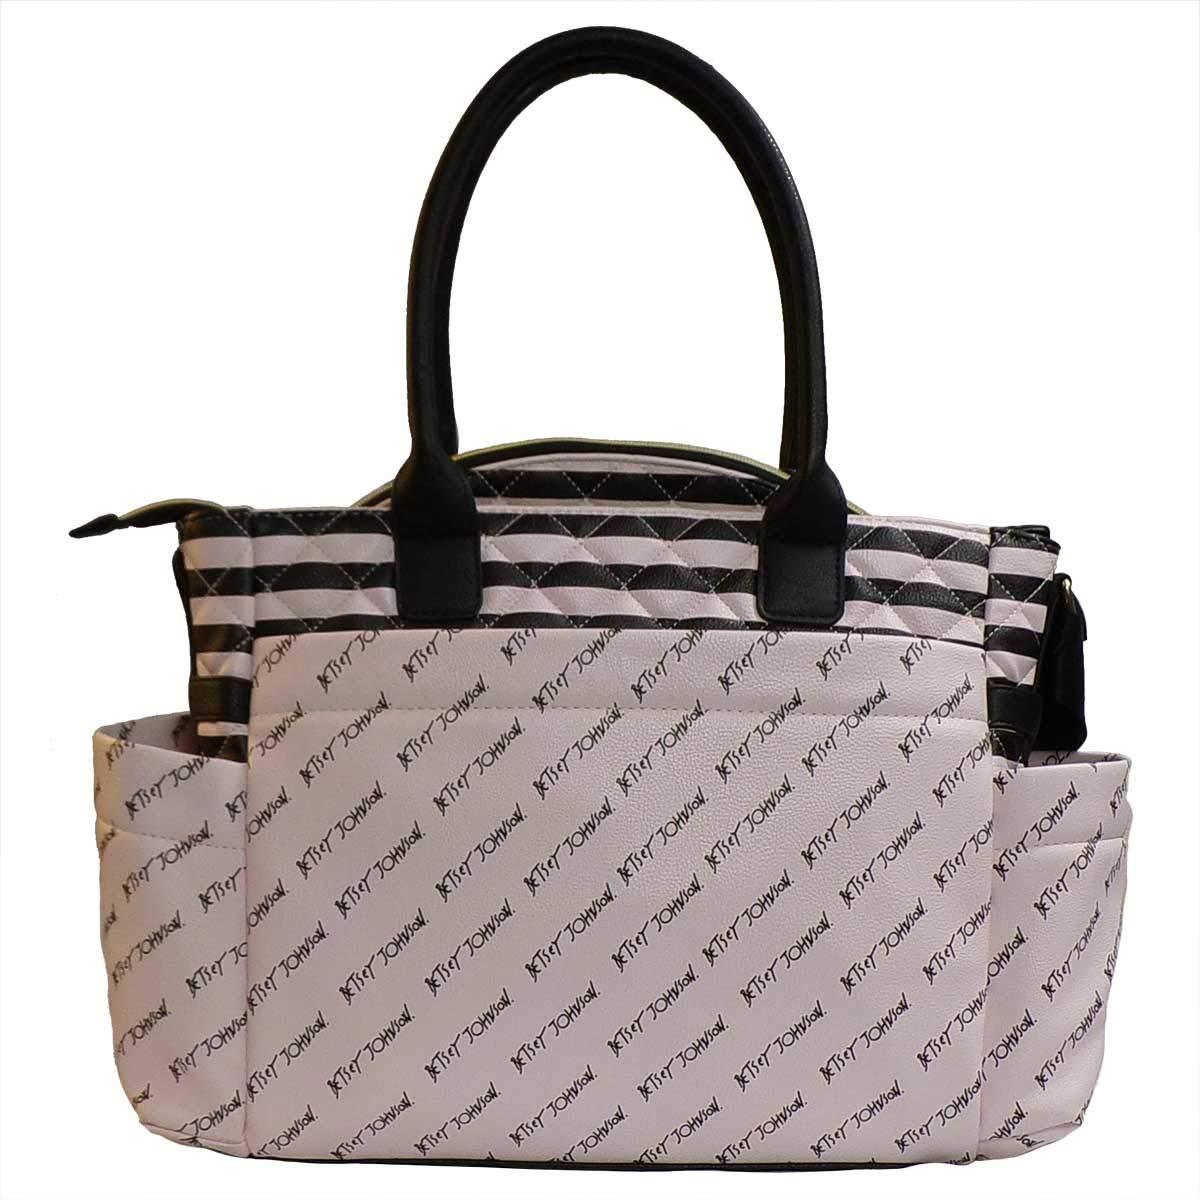 Amazon.com: Betsey Johson BBD1540 - Bolsa para pañales: Baby